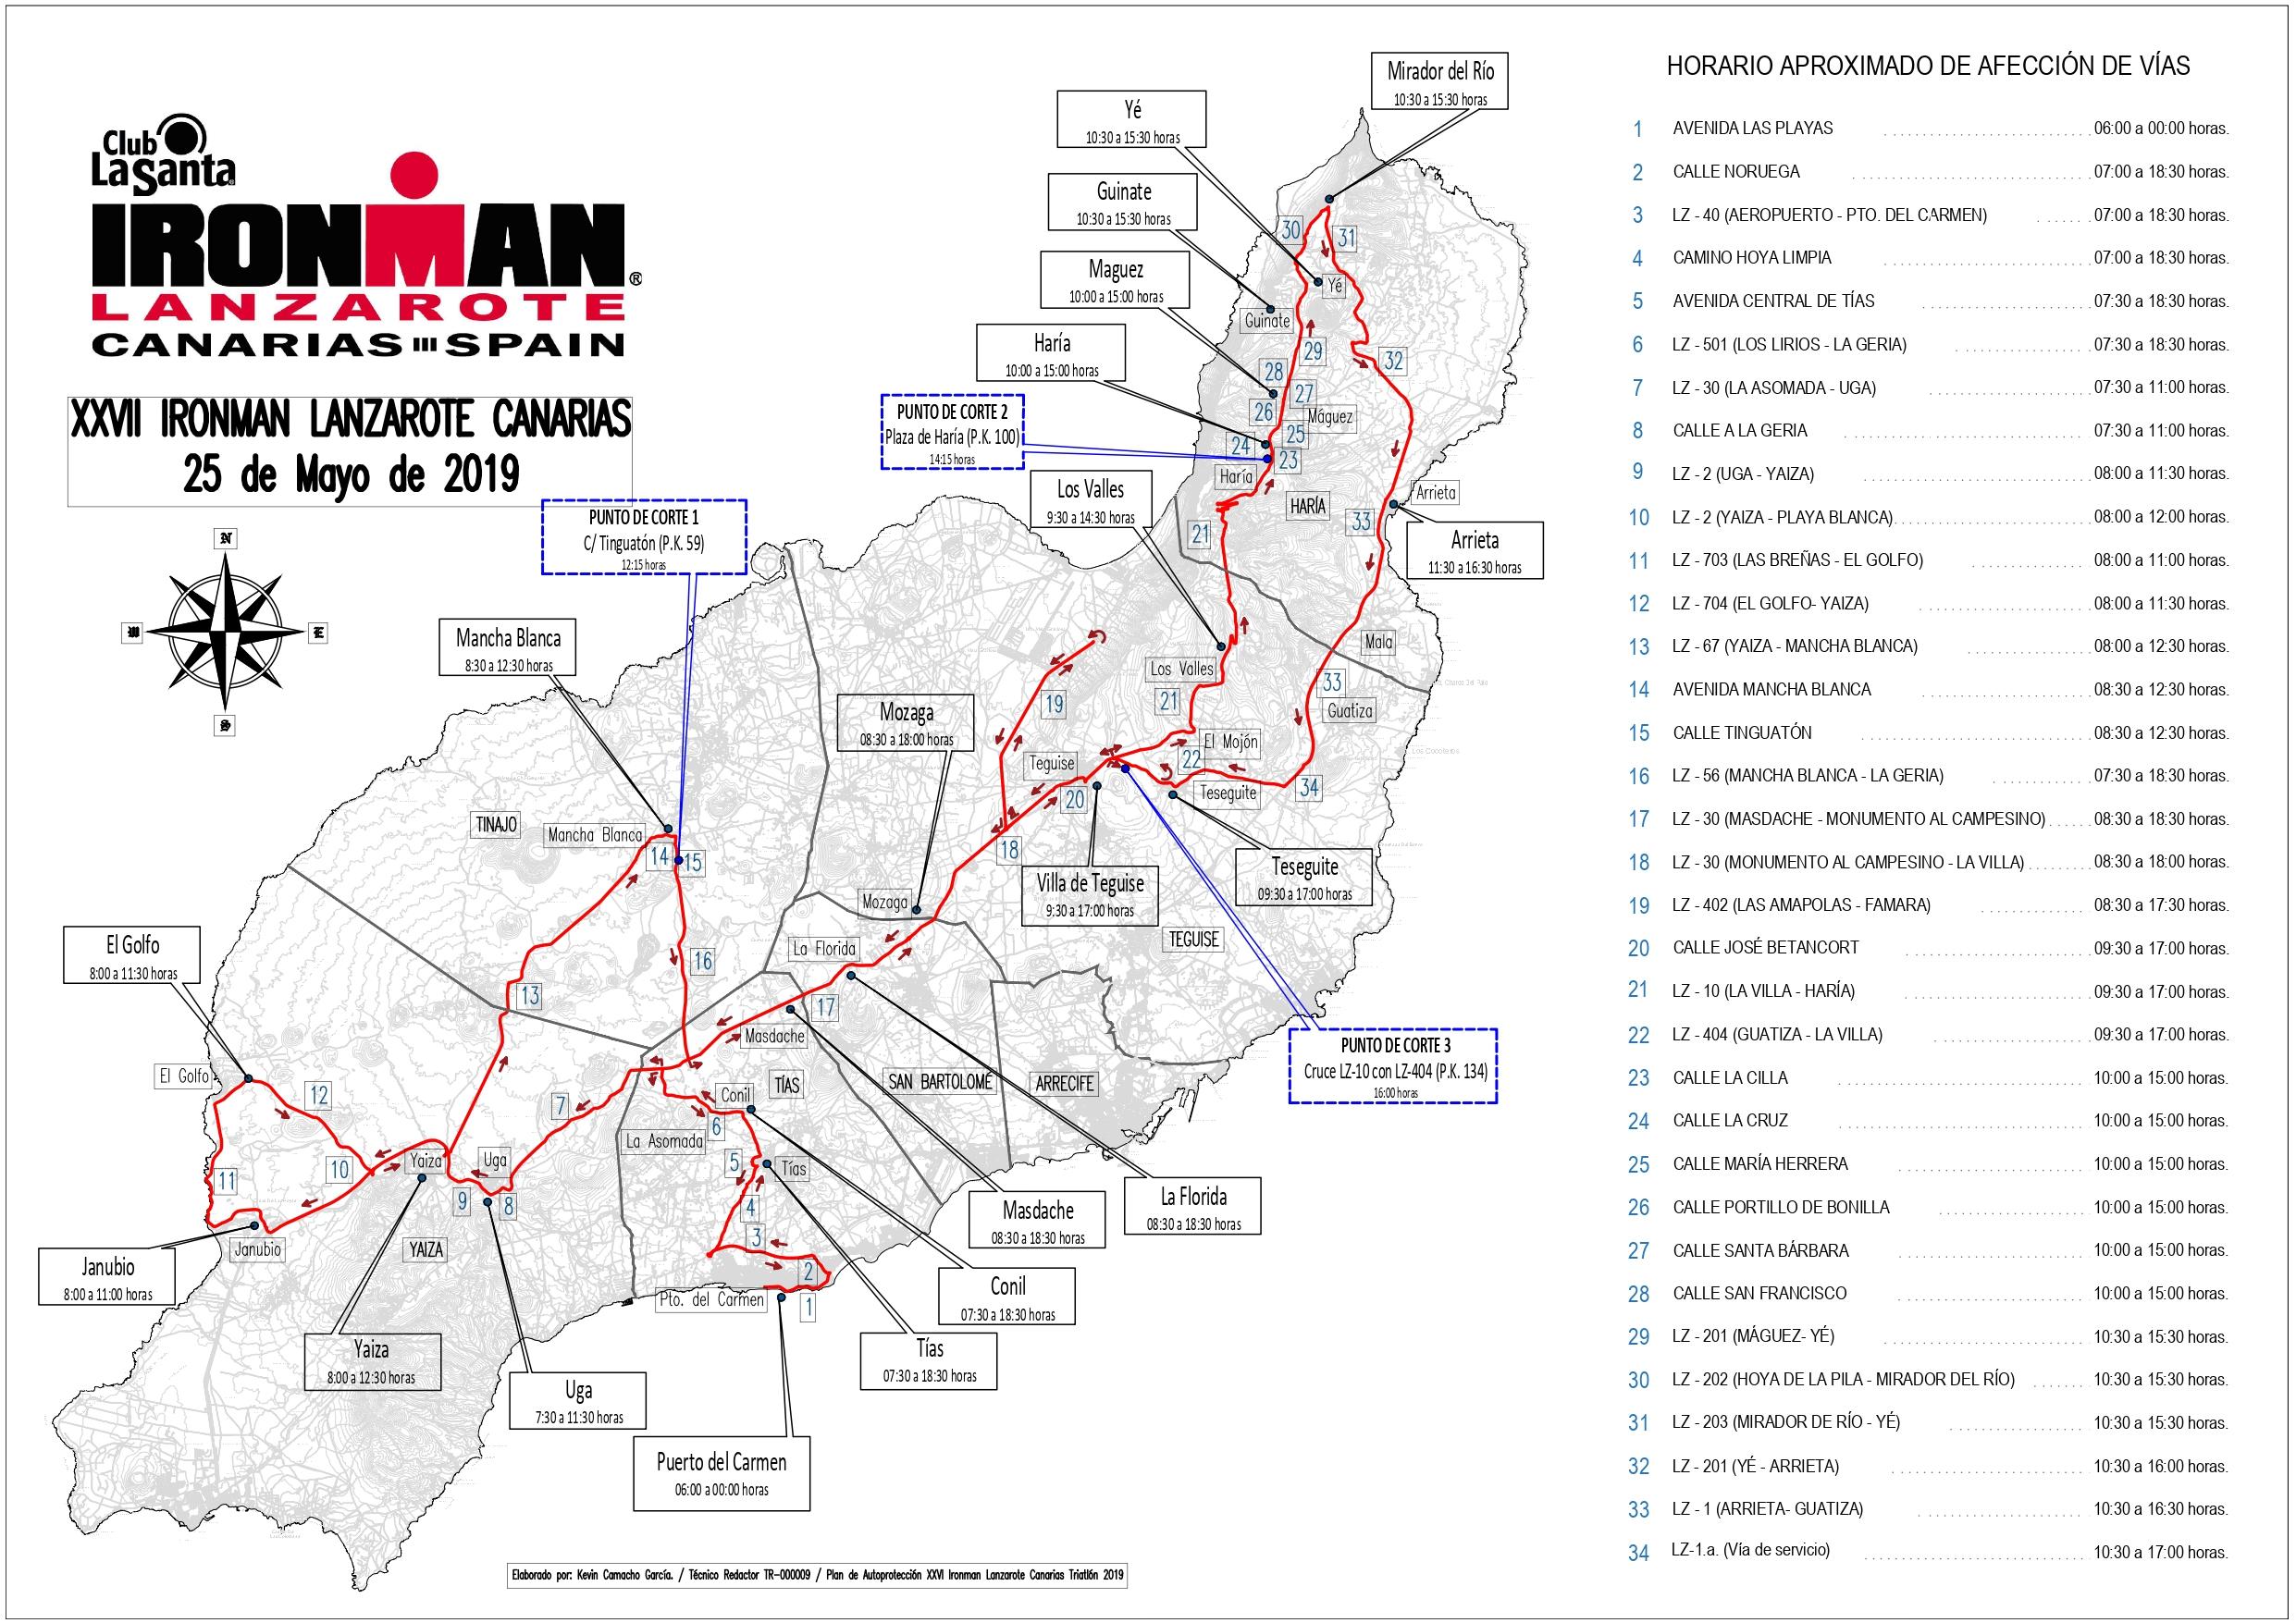 Más de 400 personas velarán por la seguridad durante el 'XXVIII Ironman Lanzarote', que se celebrará el sábado 25 de mayo